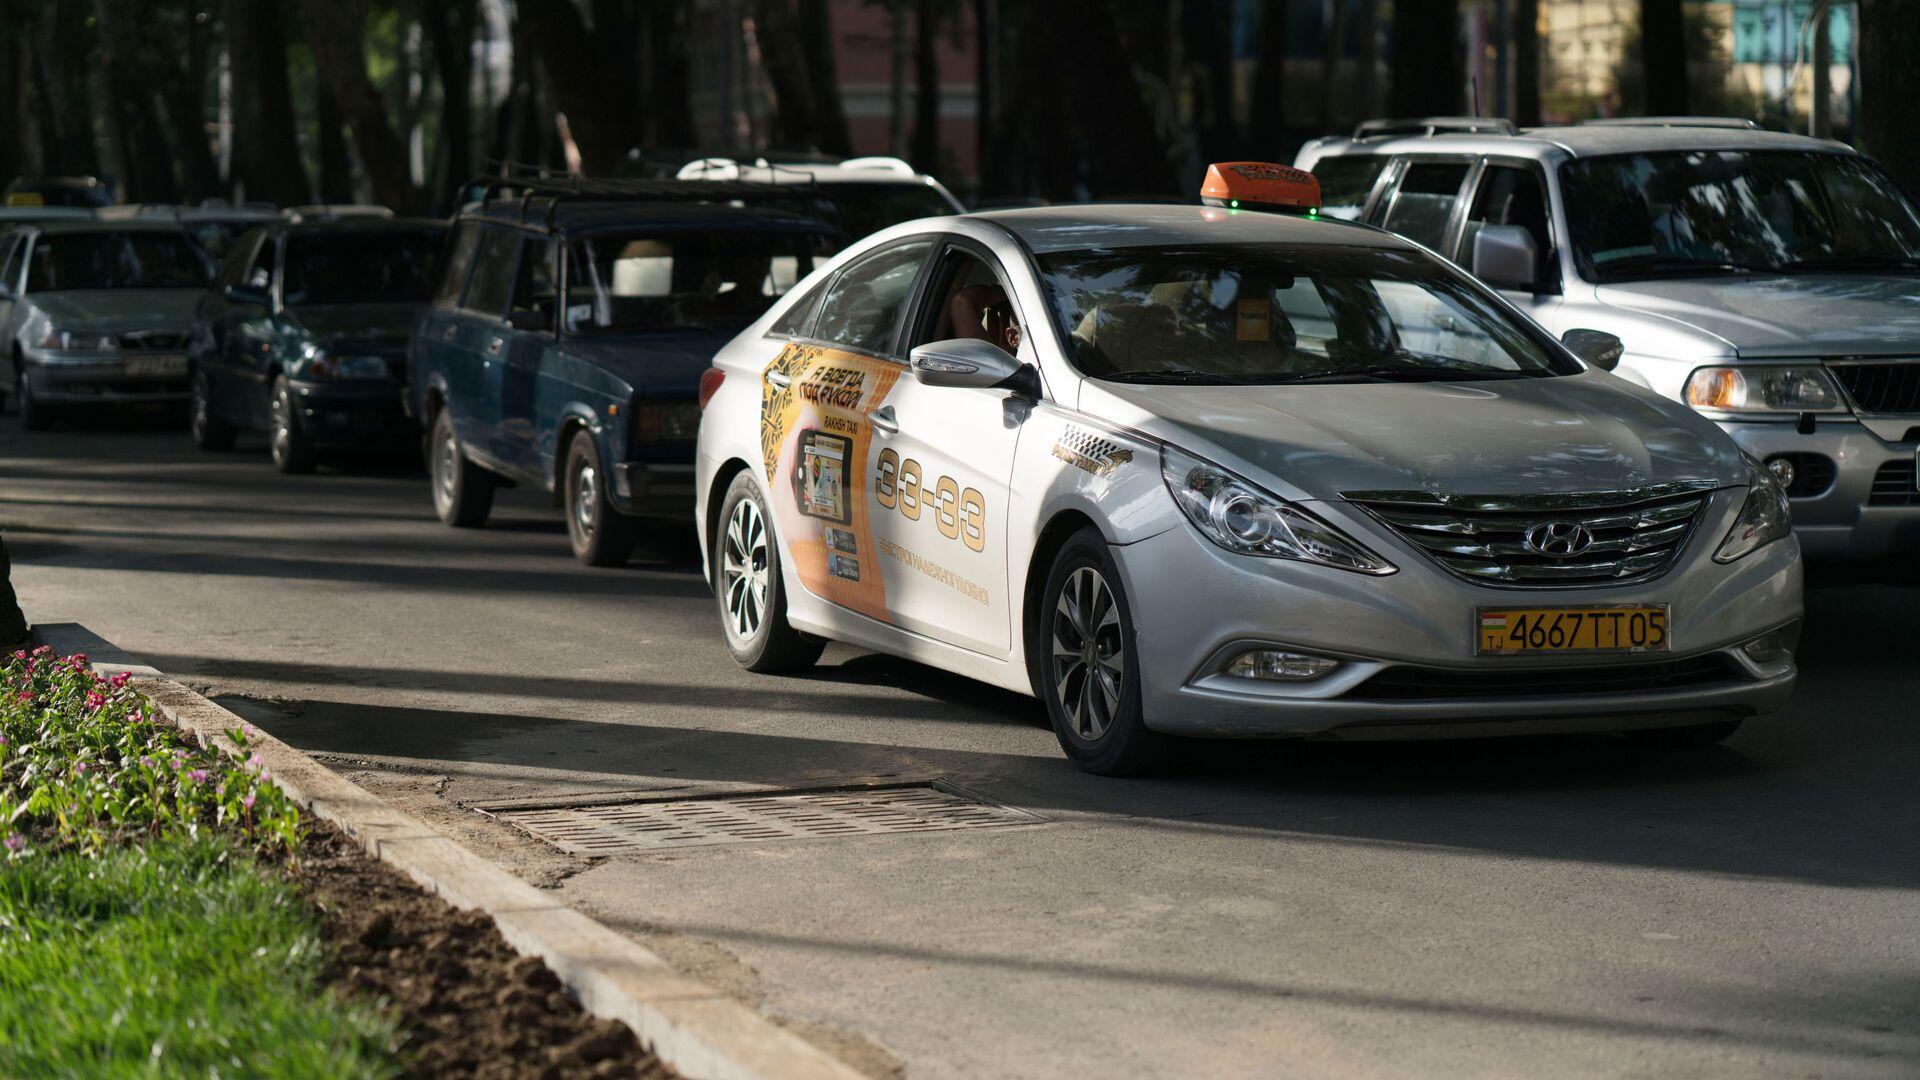 Такси в городе Душанбе, архивное фото - Sputnik Таджикистан, 1920, 05.02.2021